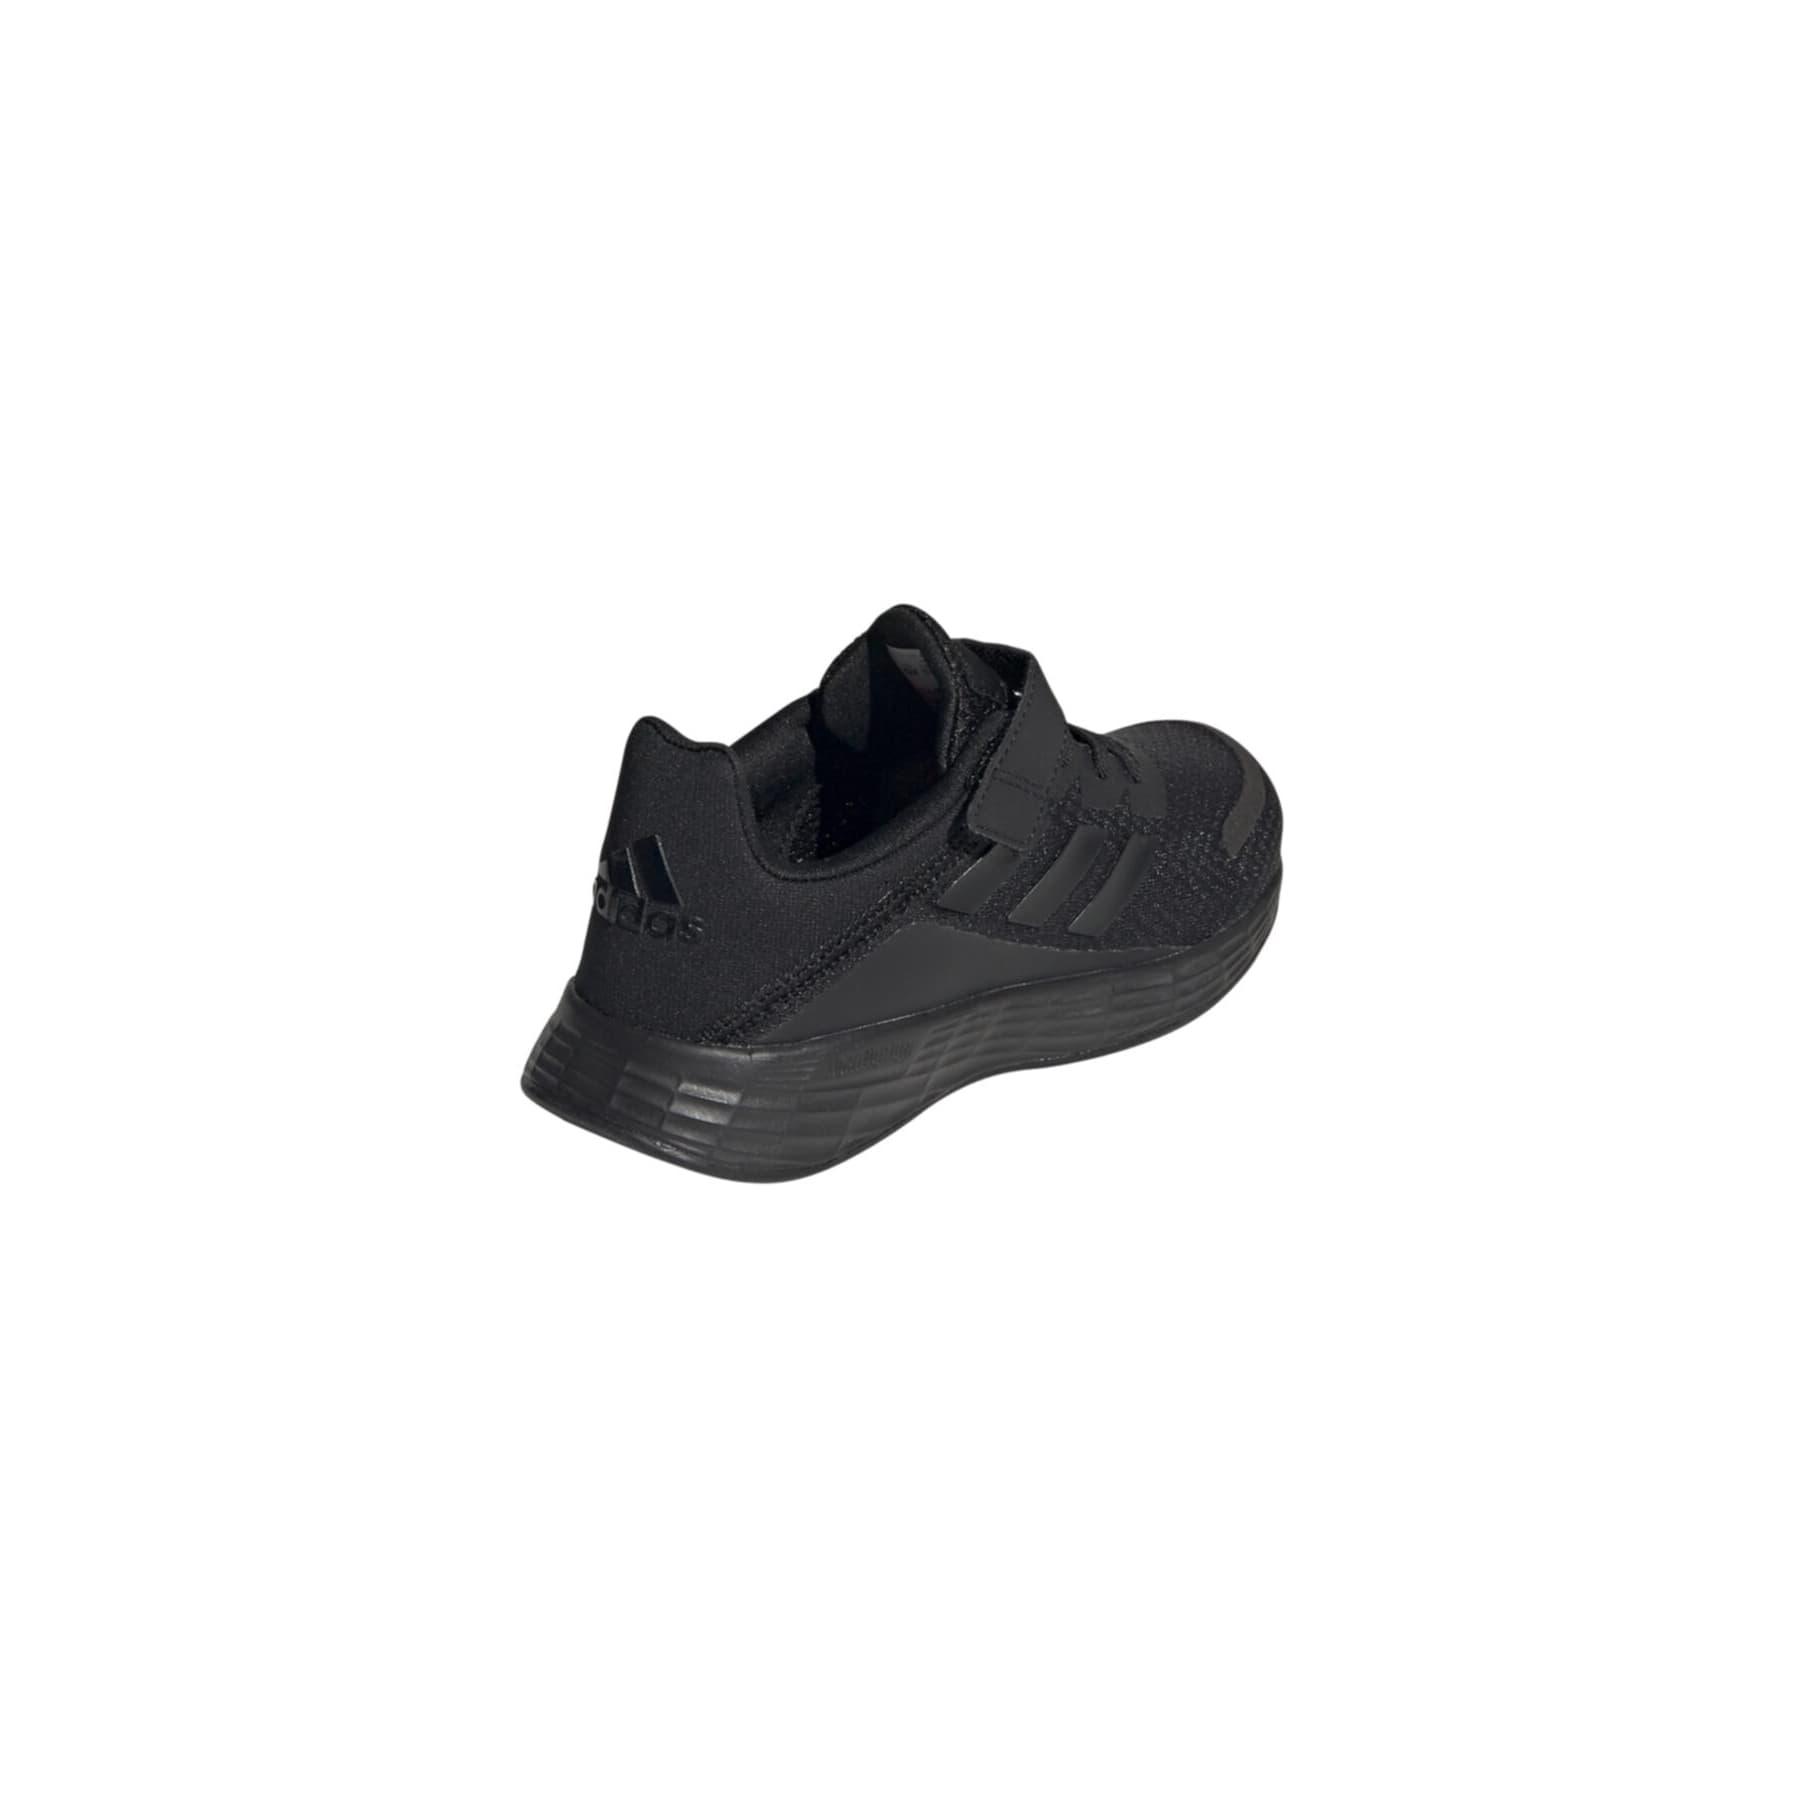 Duramo SL Çocuk Siyah Koşu Ayakkabısı (FX7313)